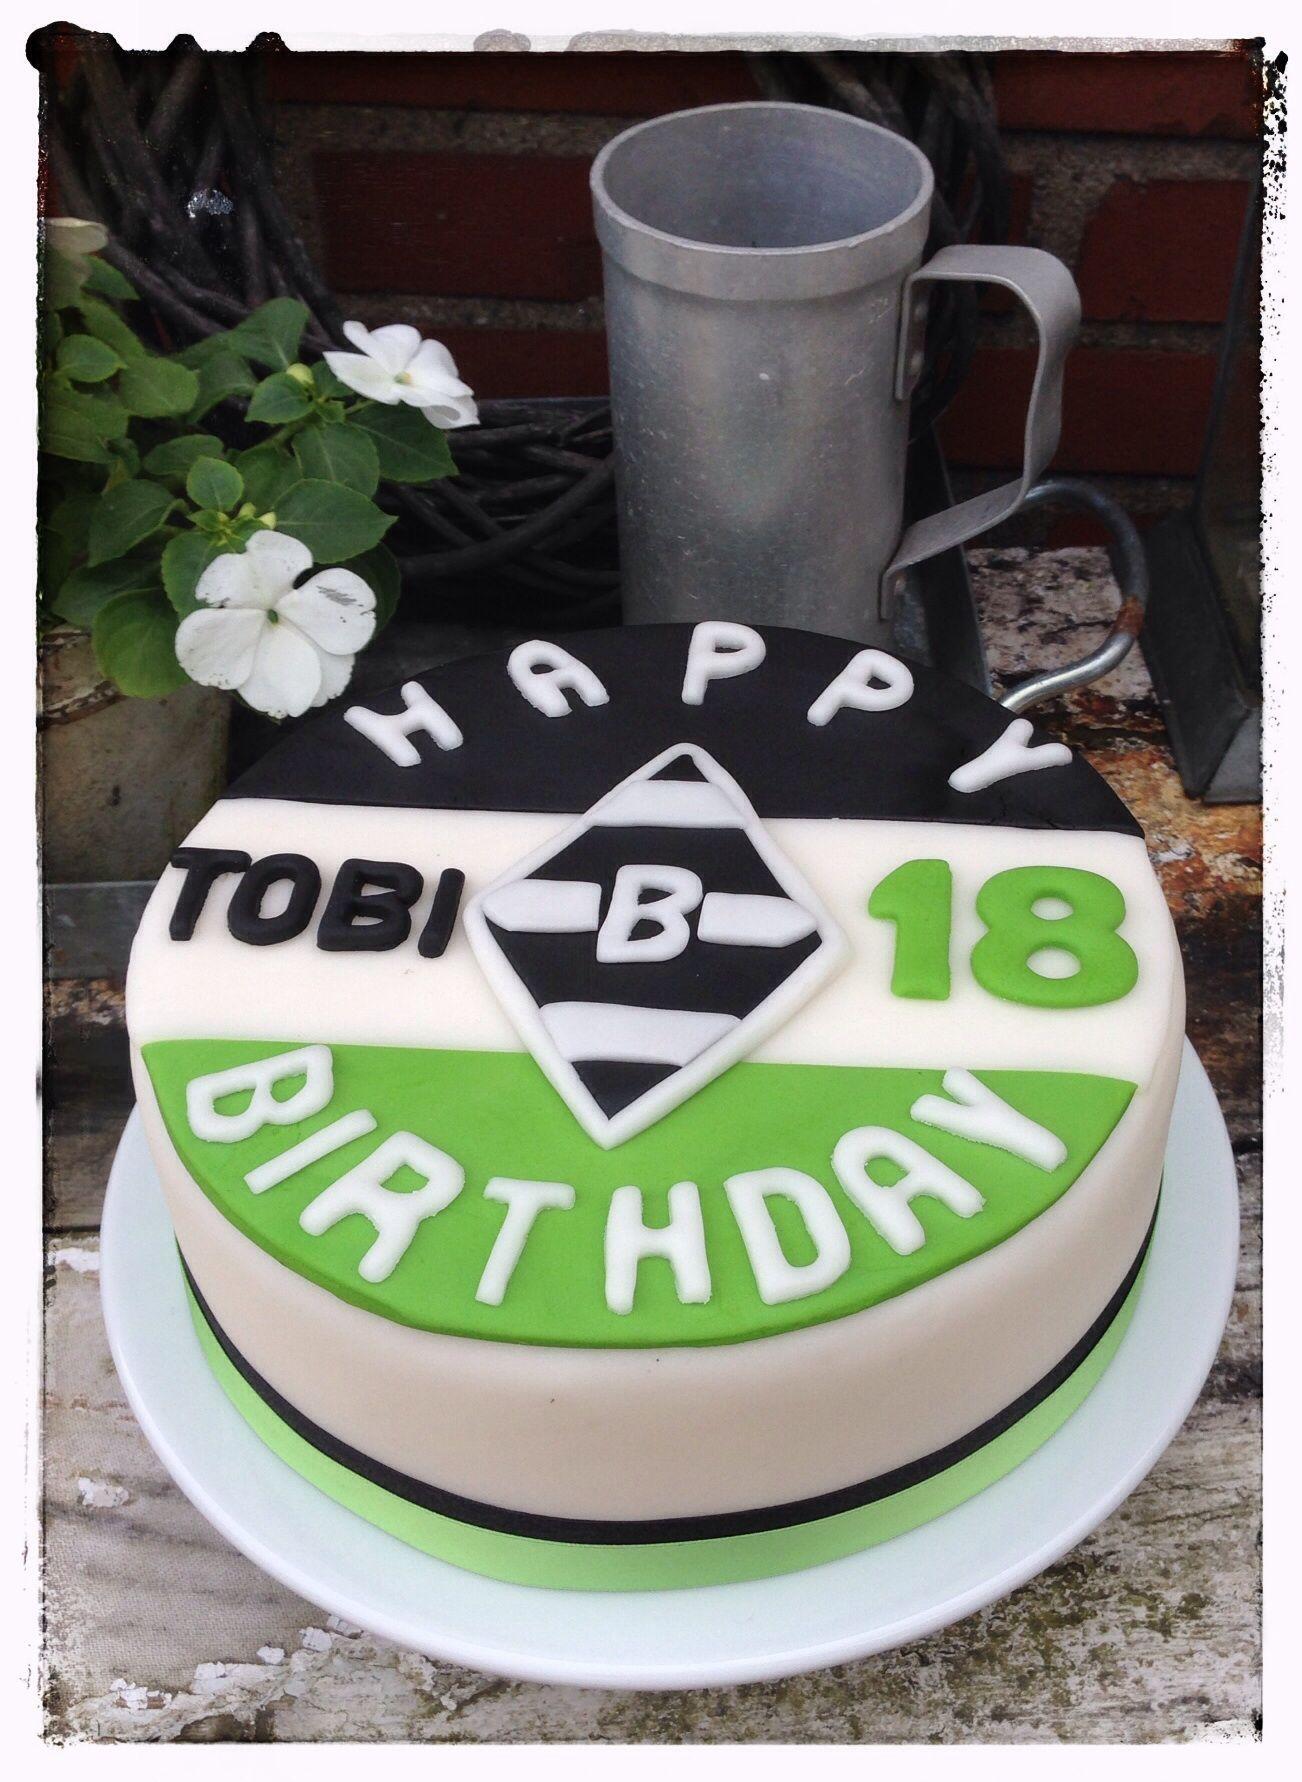 Borussia Monchengladbach Birthday Cake My Home Made Cakes Kuchen